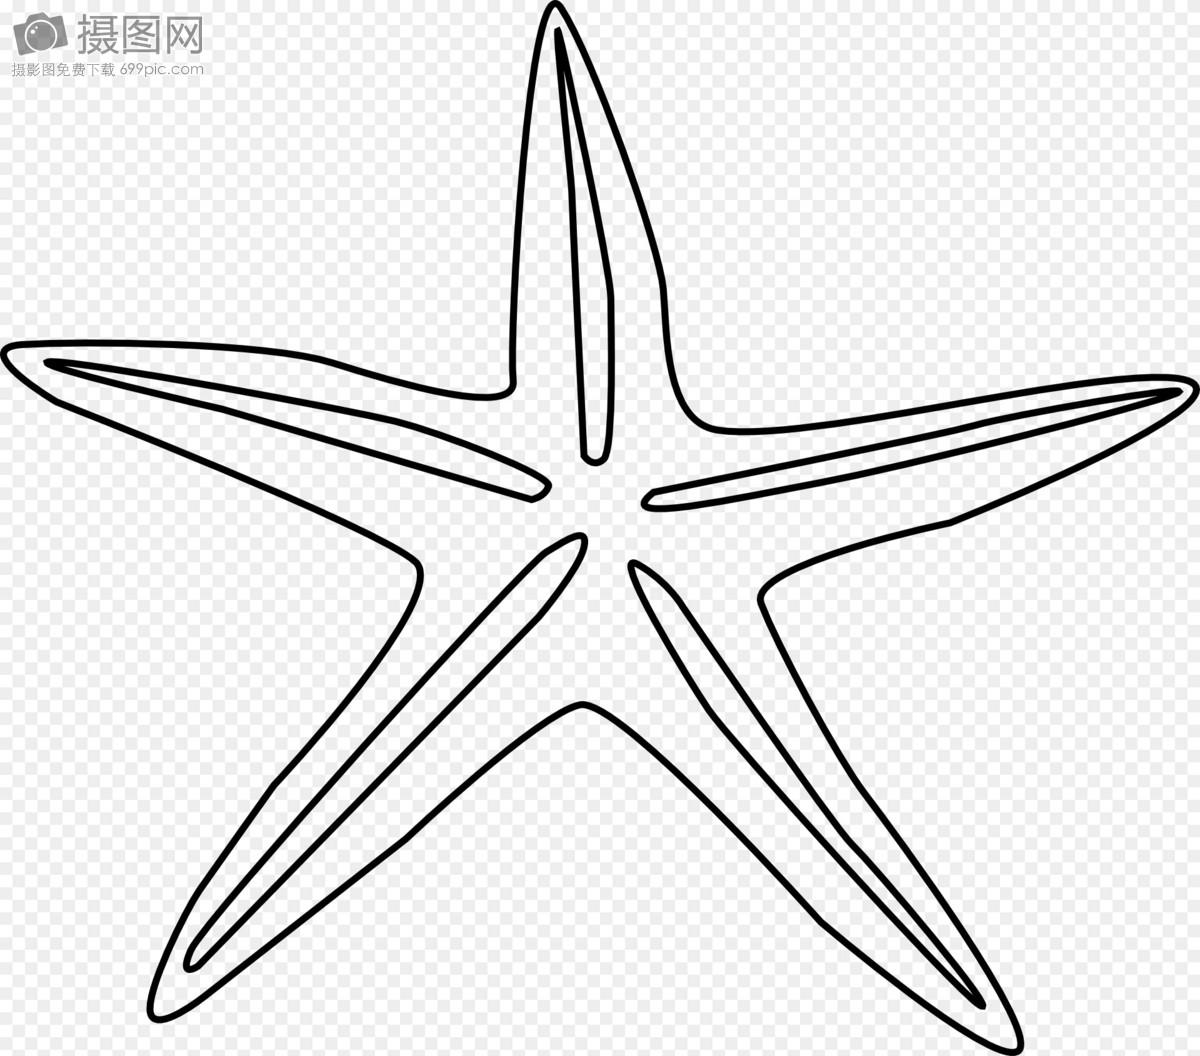 海星怎么画简笔画